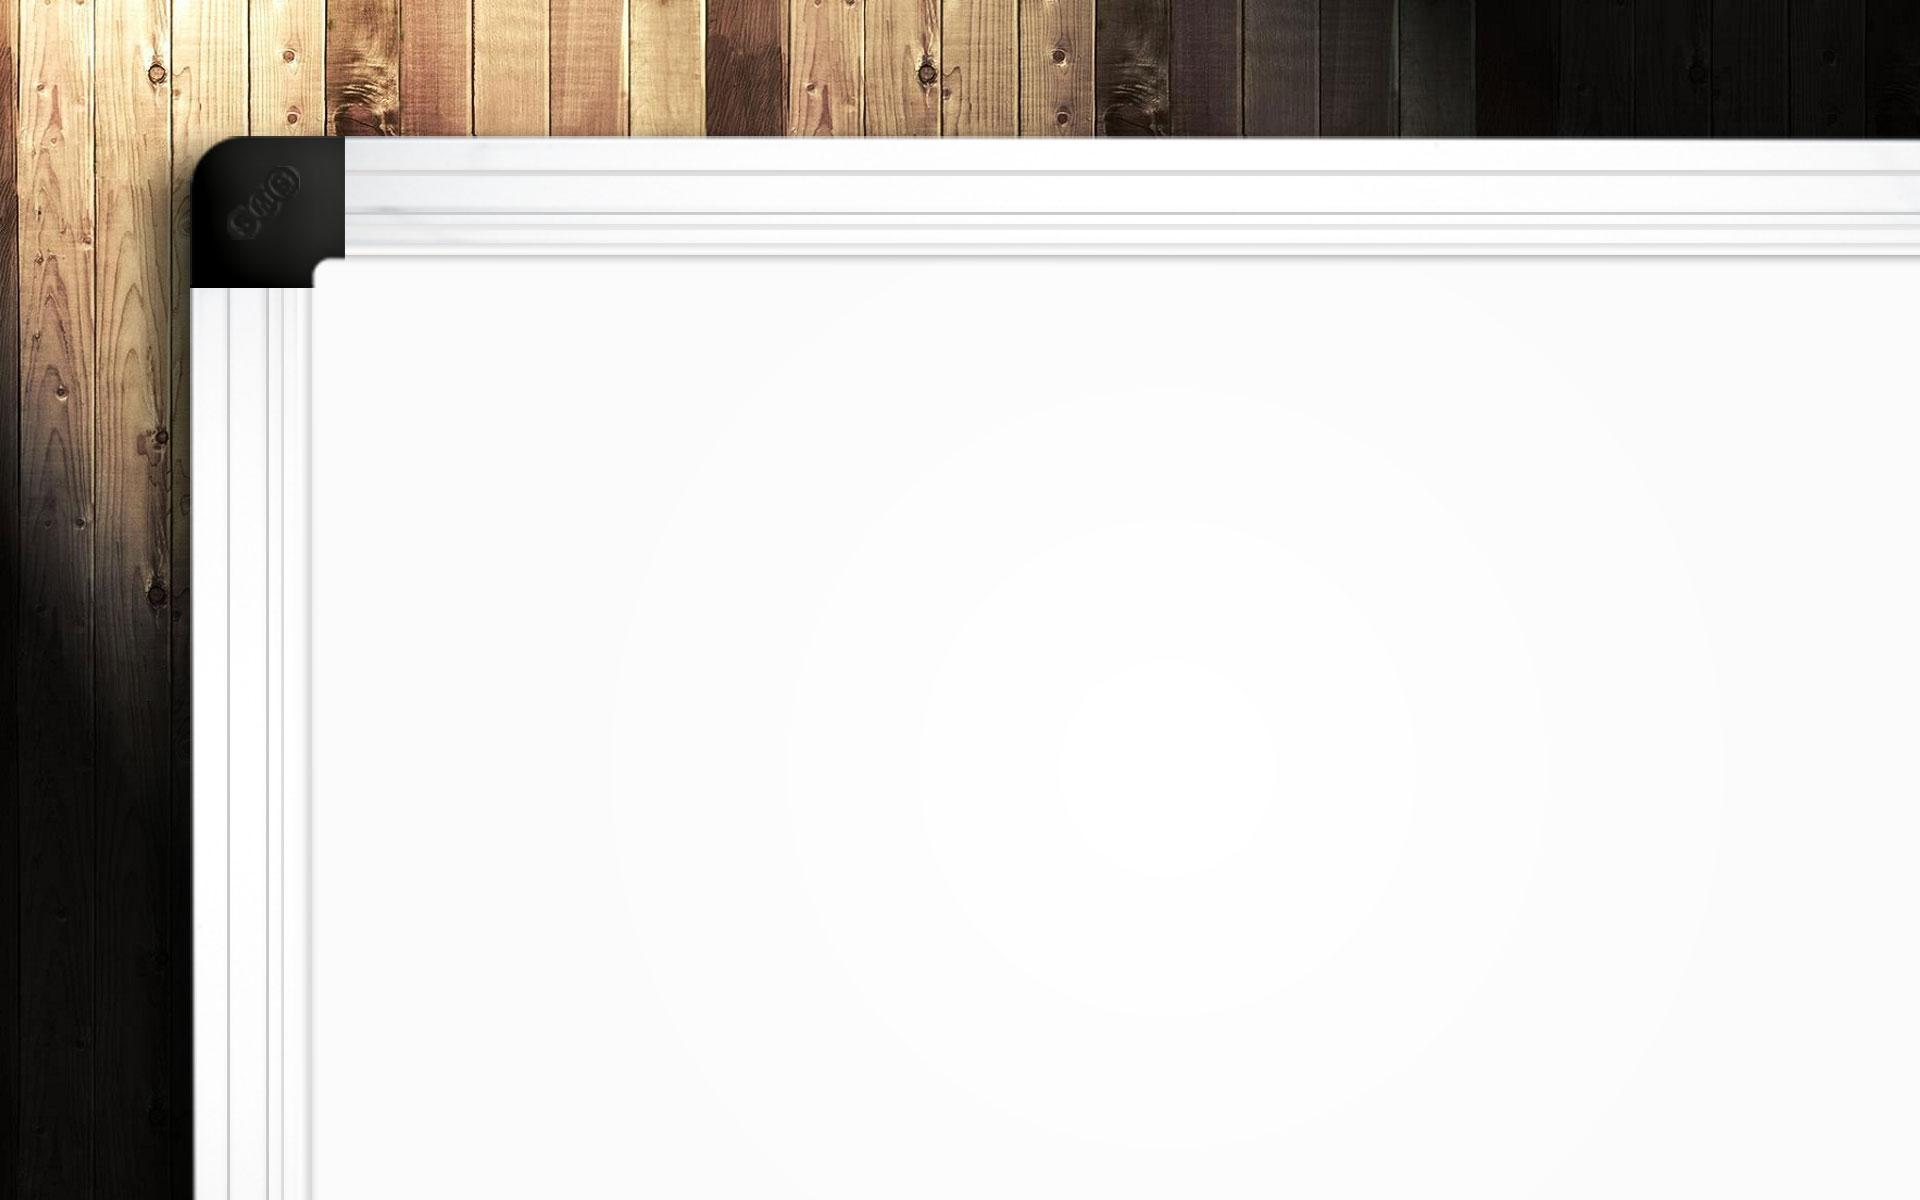 تابلو اعلانات و تخته وایت برد